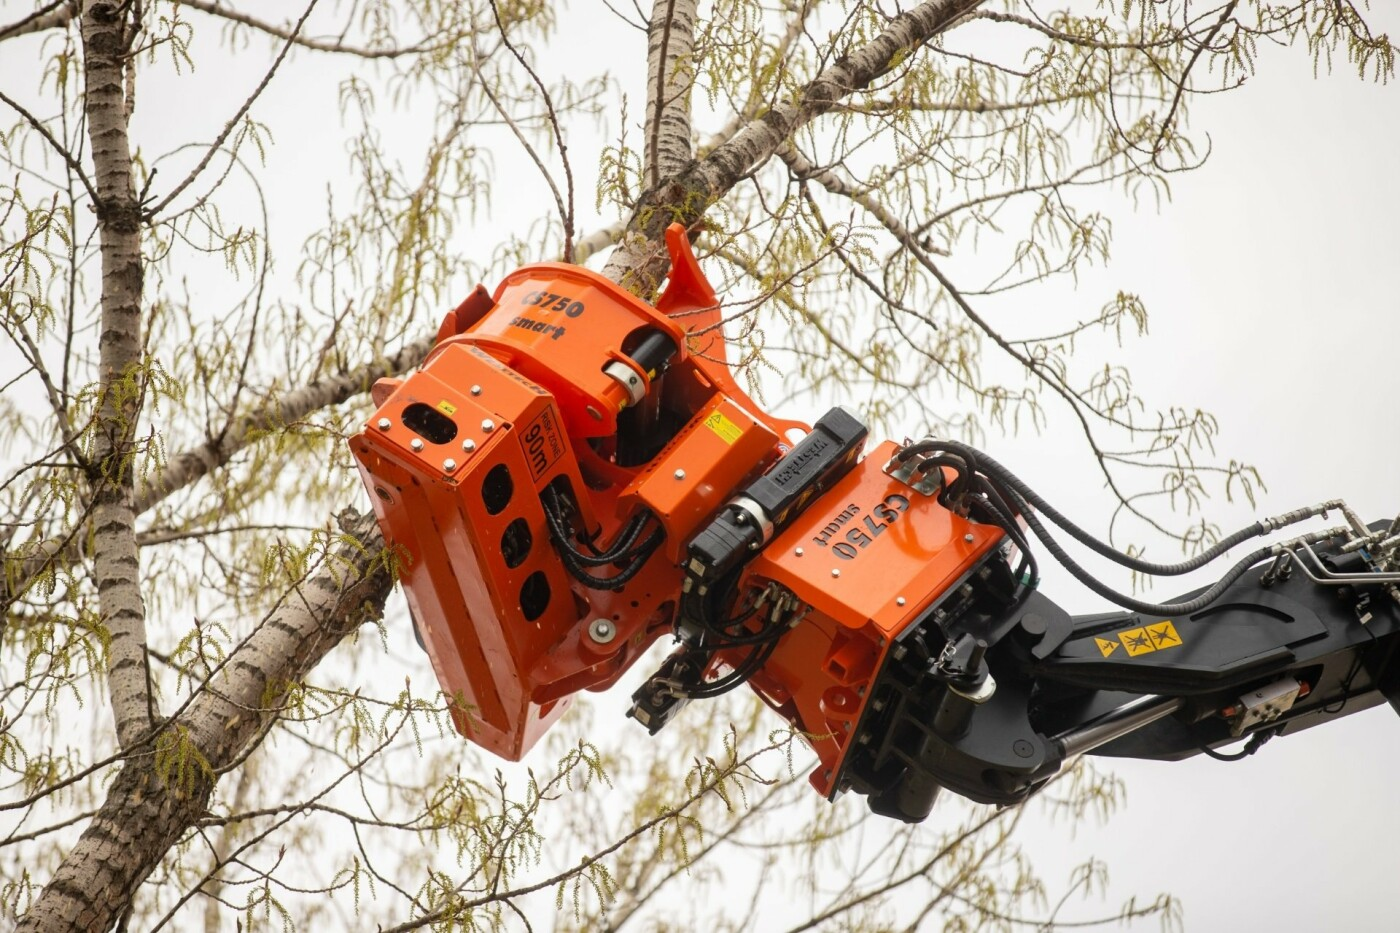 """В Днепре появился """"робот-трансформер"""" для устранения аварийных деревьев, - ФОТО, фото-1"""